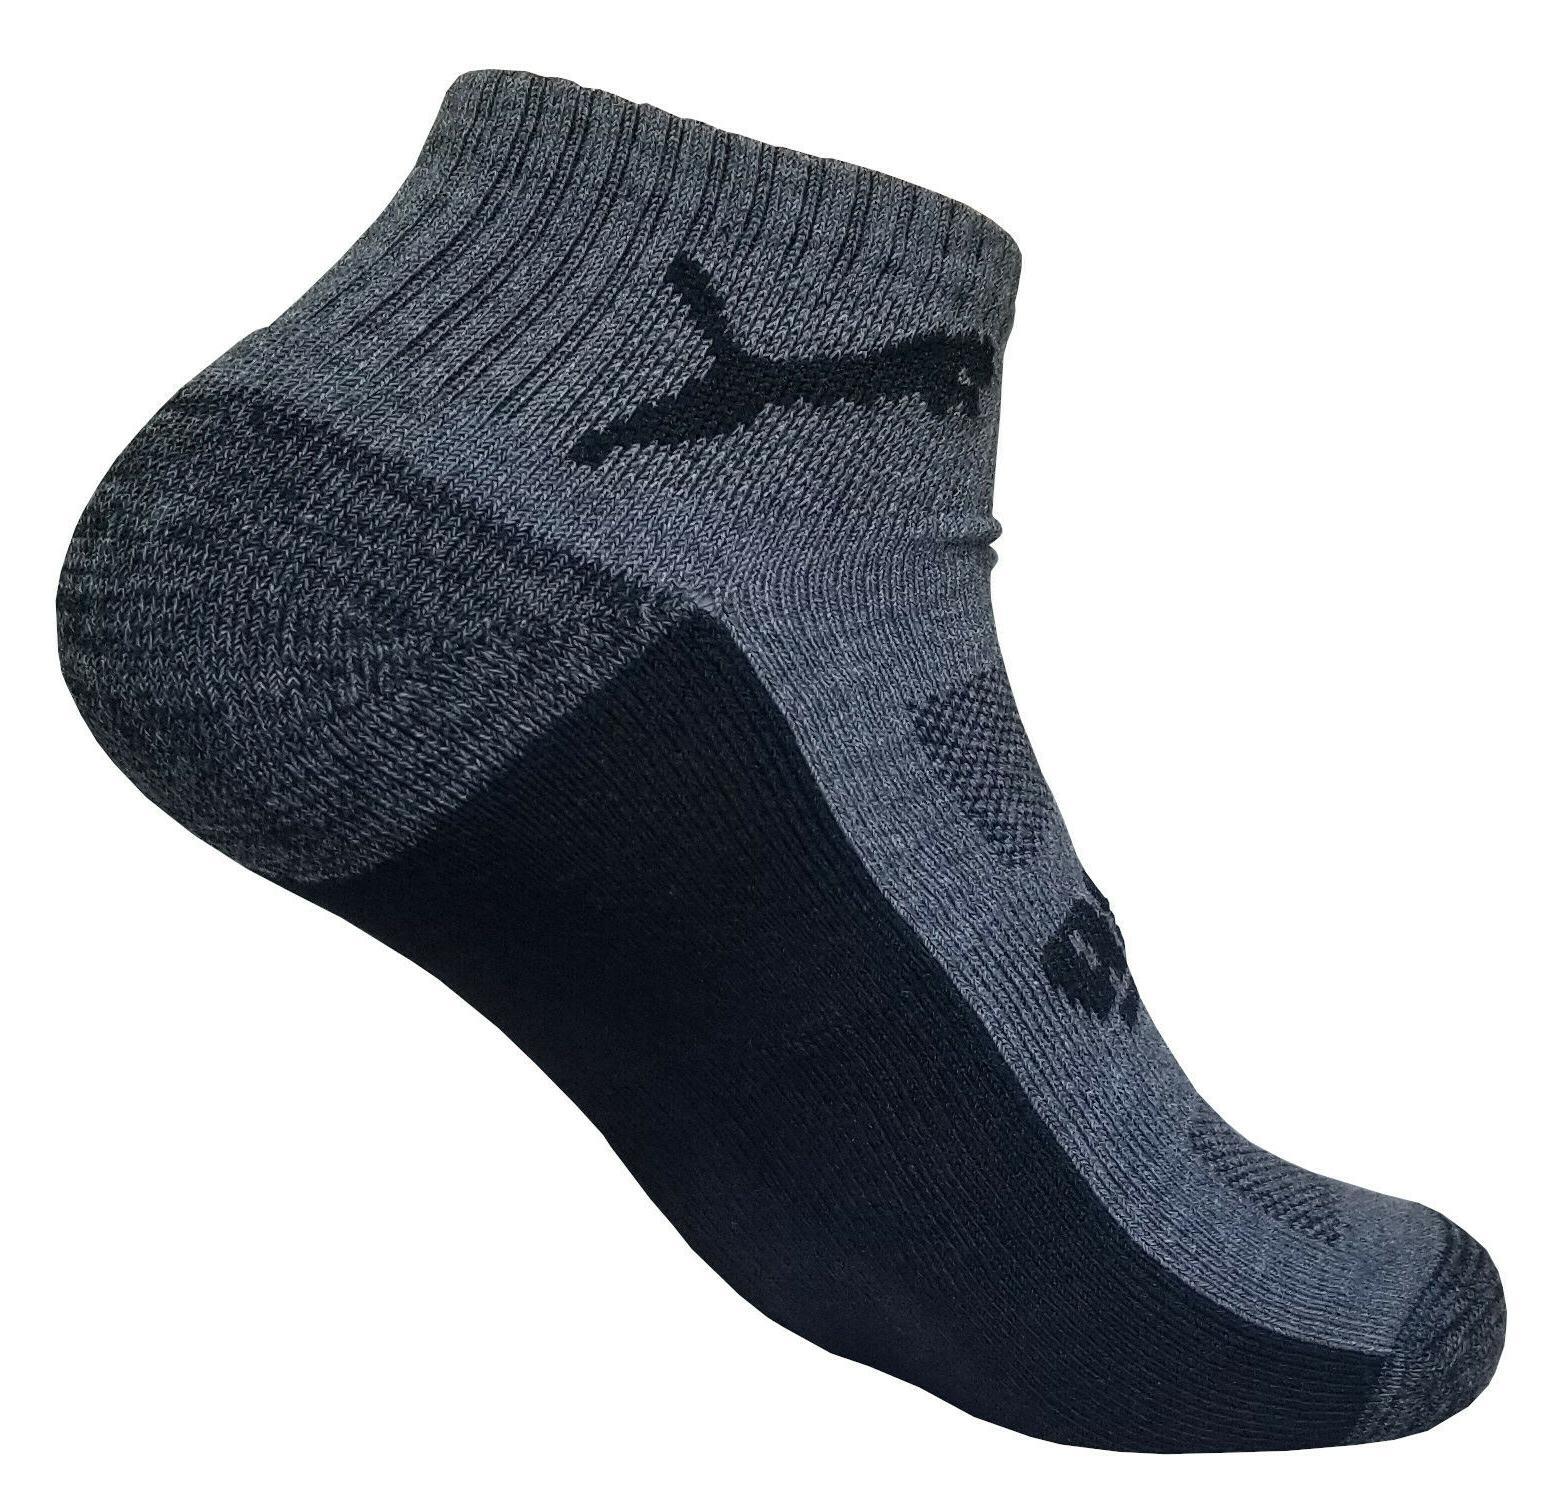 puma fit low quarter sock size shoe